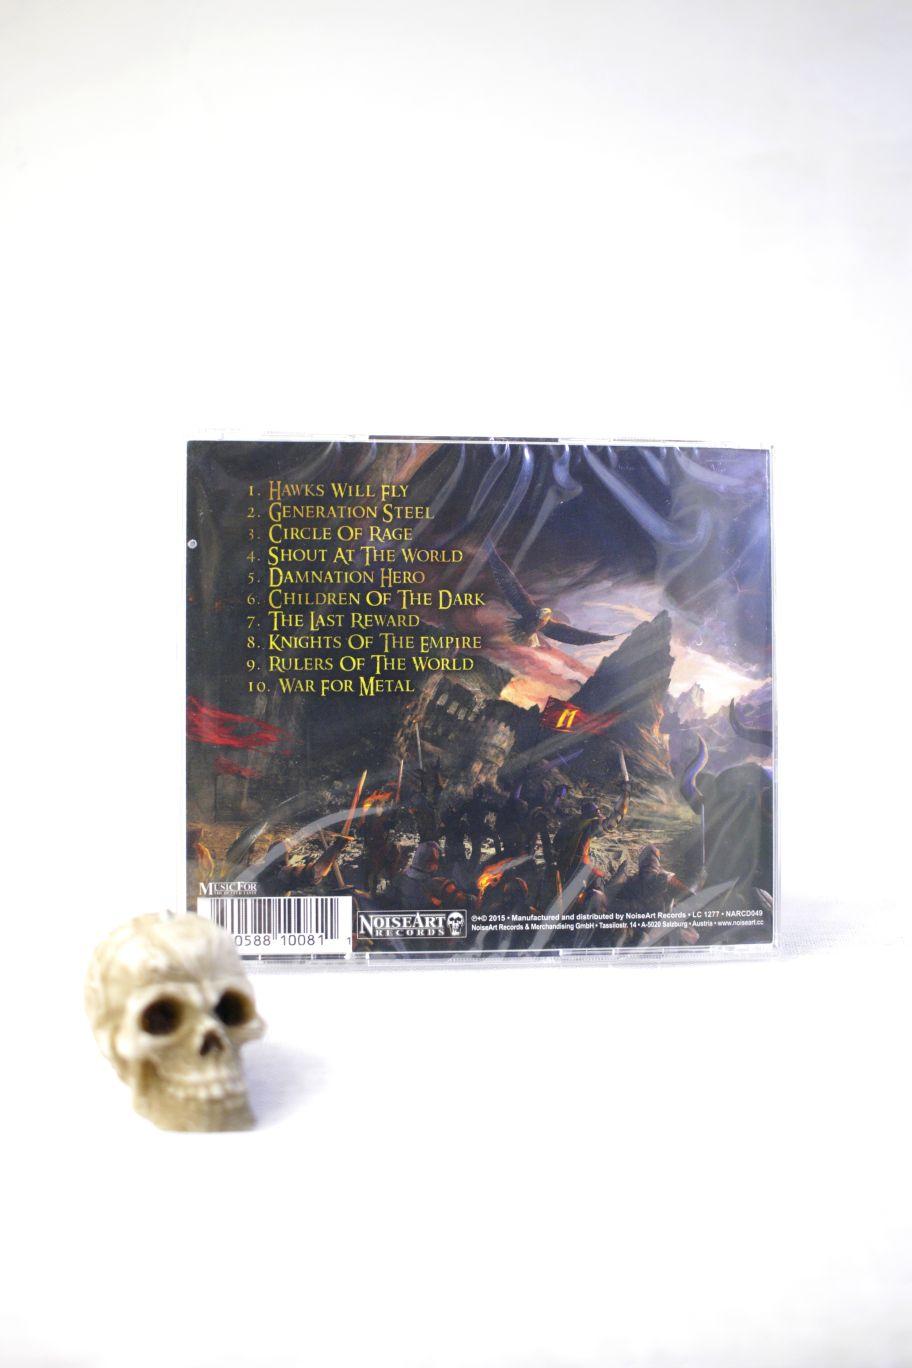 CD MAJESTY GENERATION STEEL